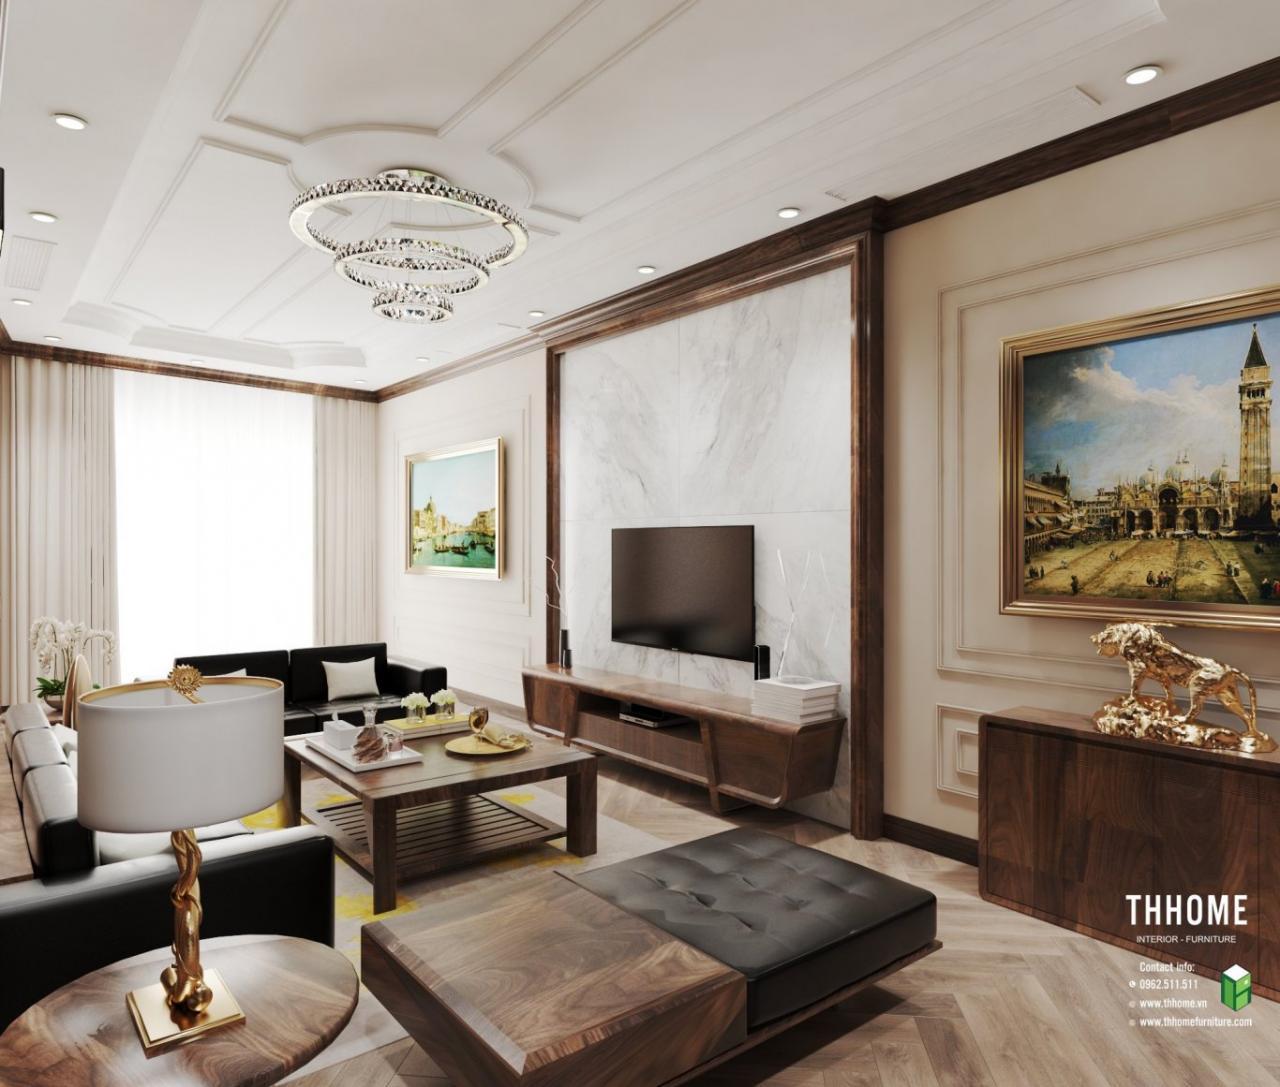 Nội thất phòng khách được bày trí hài hòa, đồ nội thất đắt giá, cao cấp.